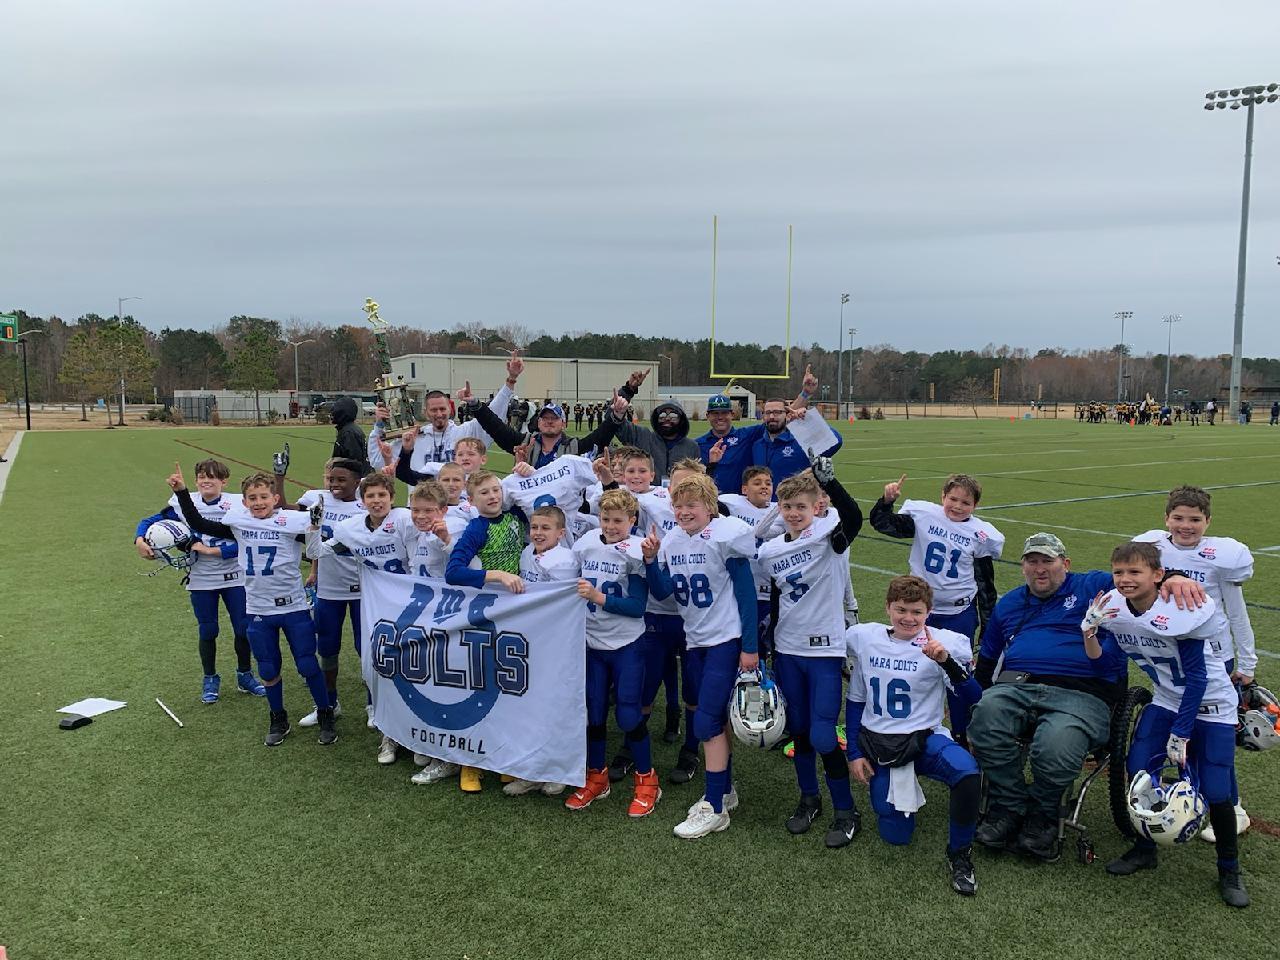 MARA Colts Tackle Football Championship team